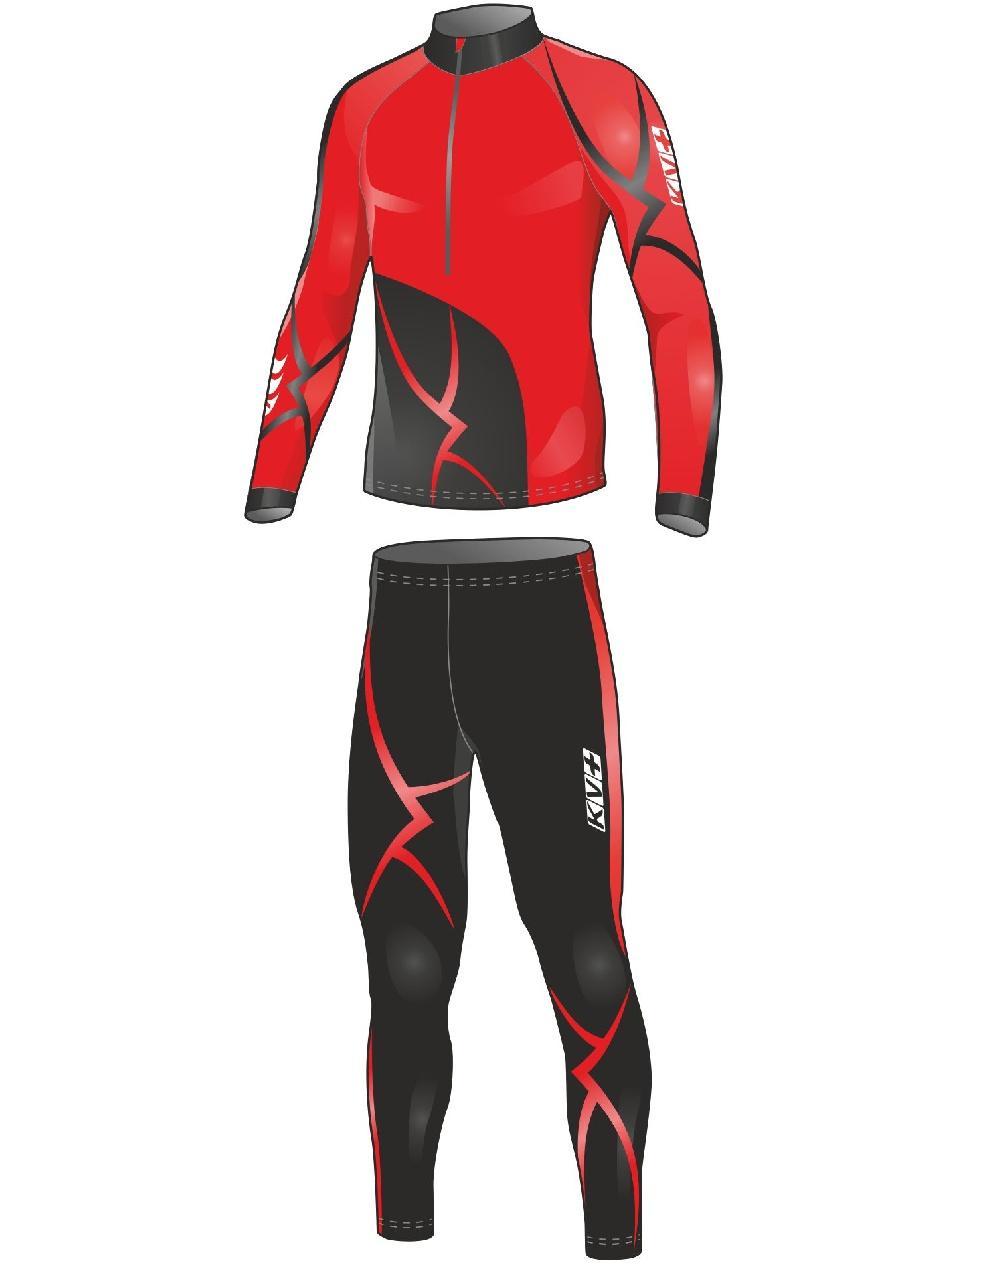 655e456d8dca СпортМир Экипцентр   Лыжи   Лыжная одежда   Комбинезоны   TRIBAL  красный-чёрный